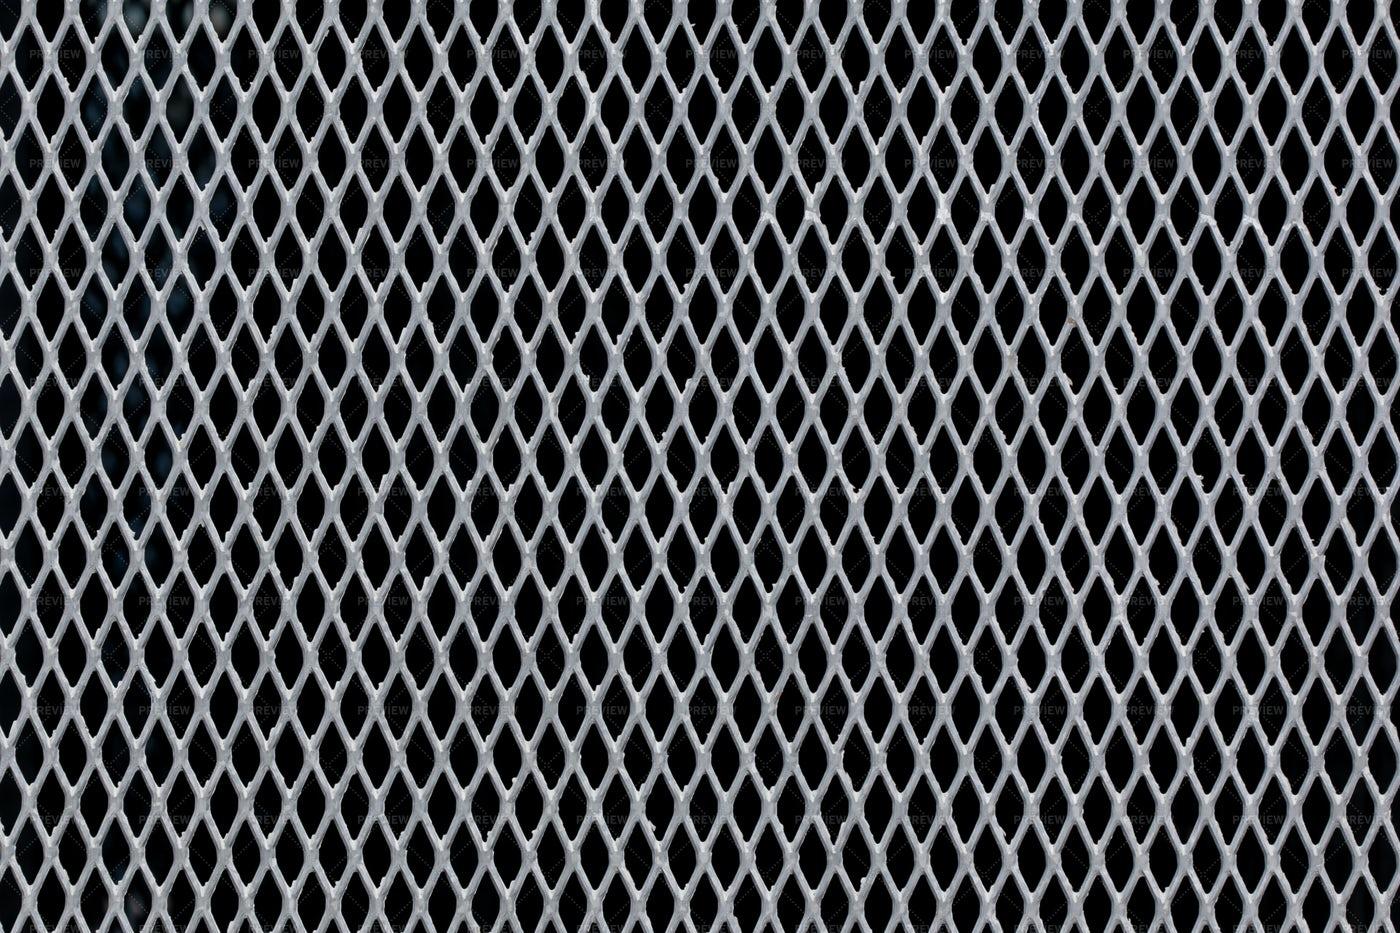 Silver Fence: Stock Photos